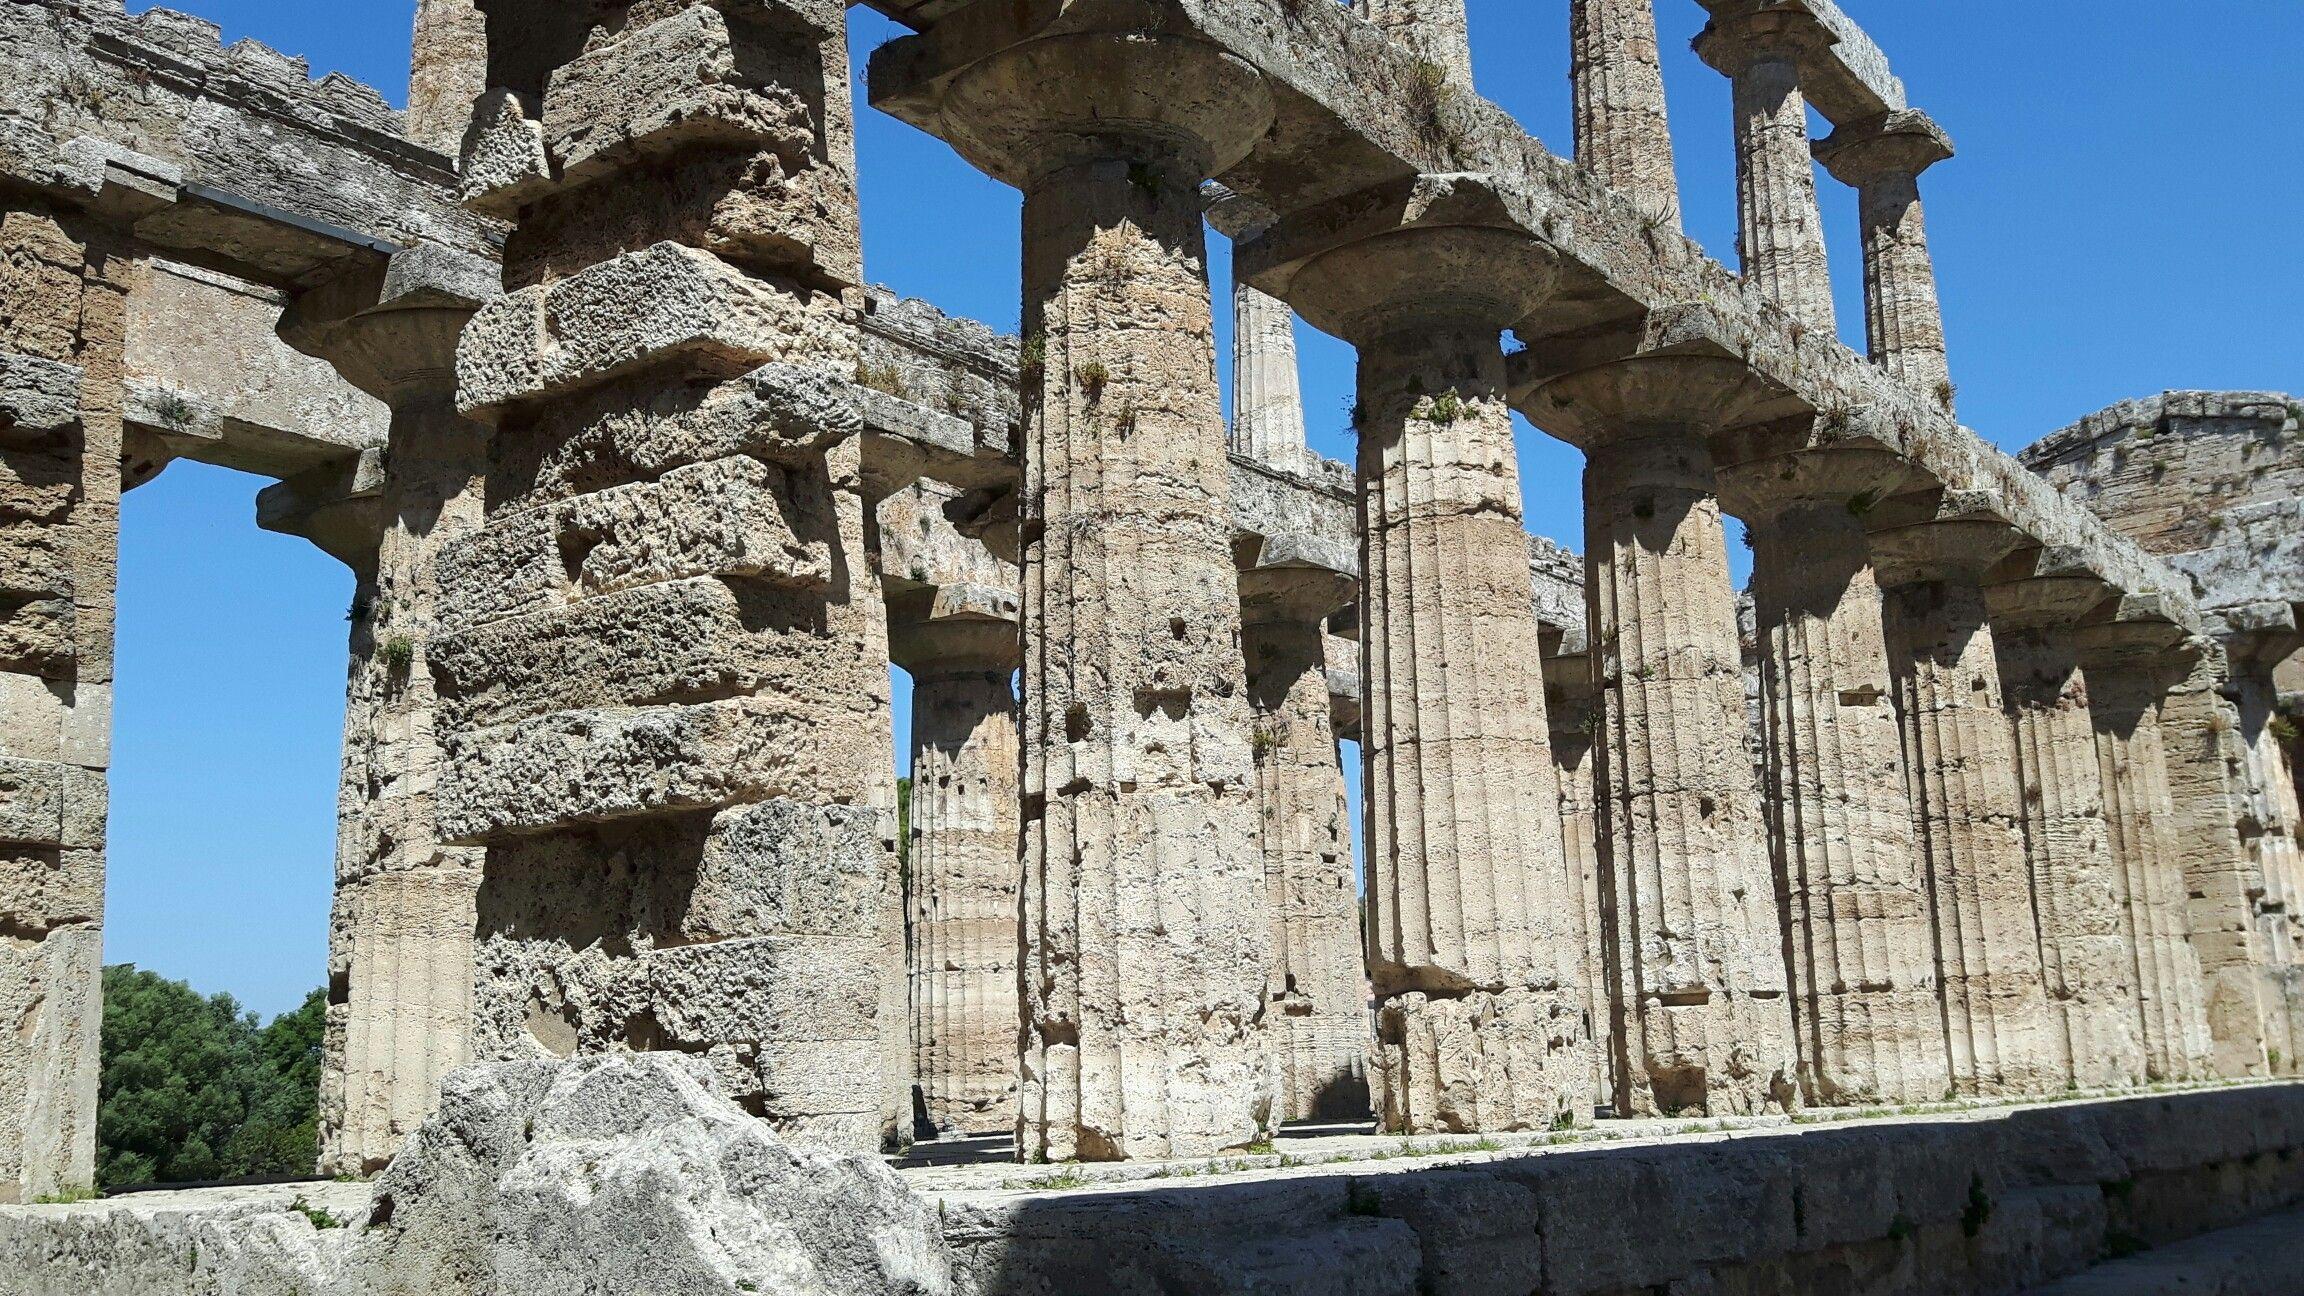 Tempio di Nettuno o di Zeus o di Apollo. 450 a.C. Paestum